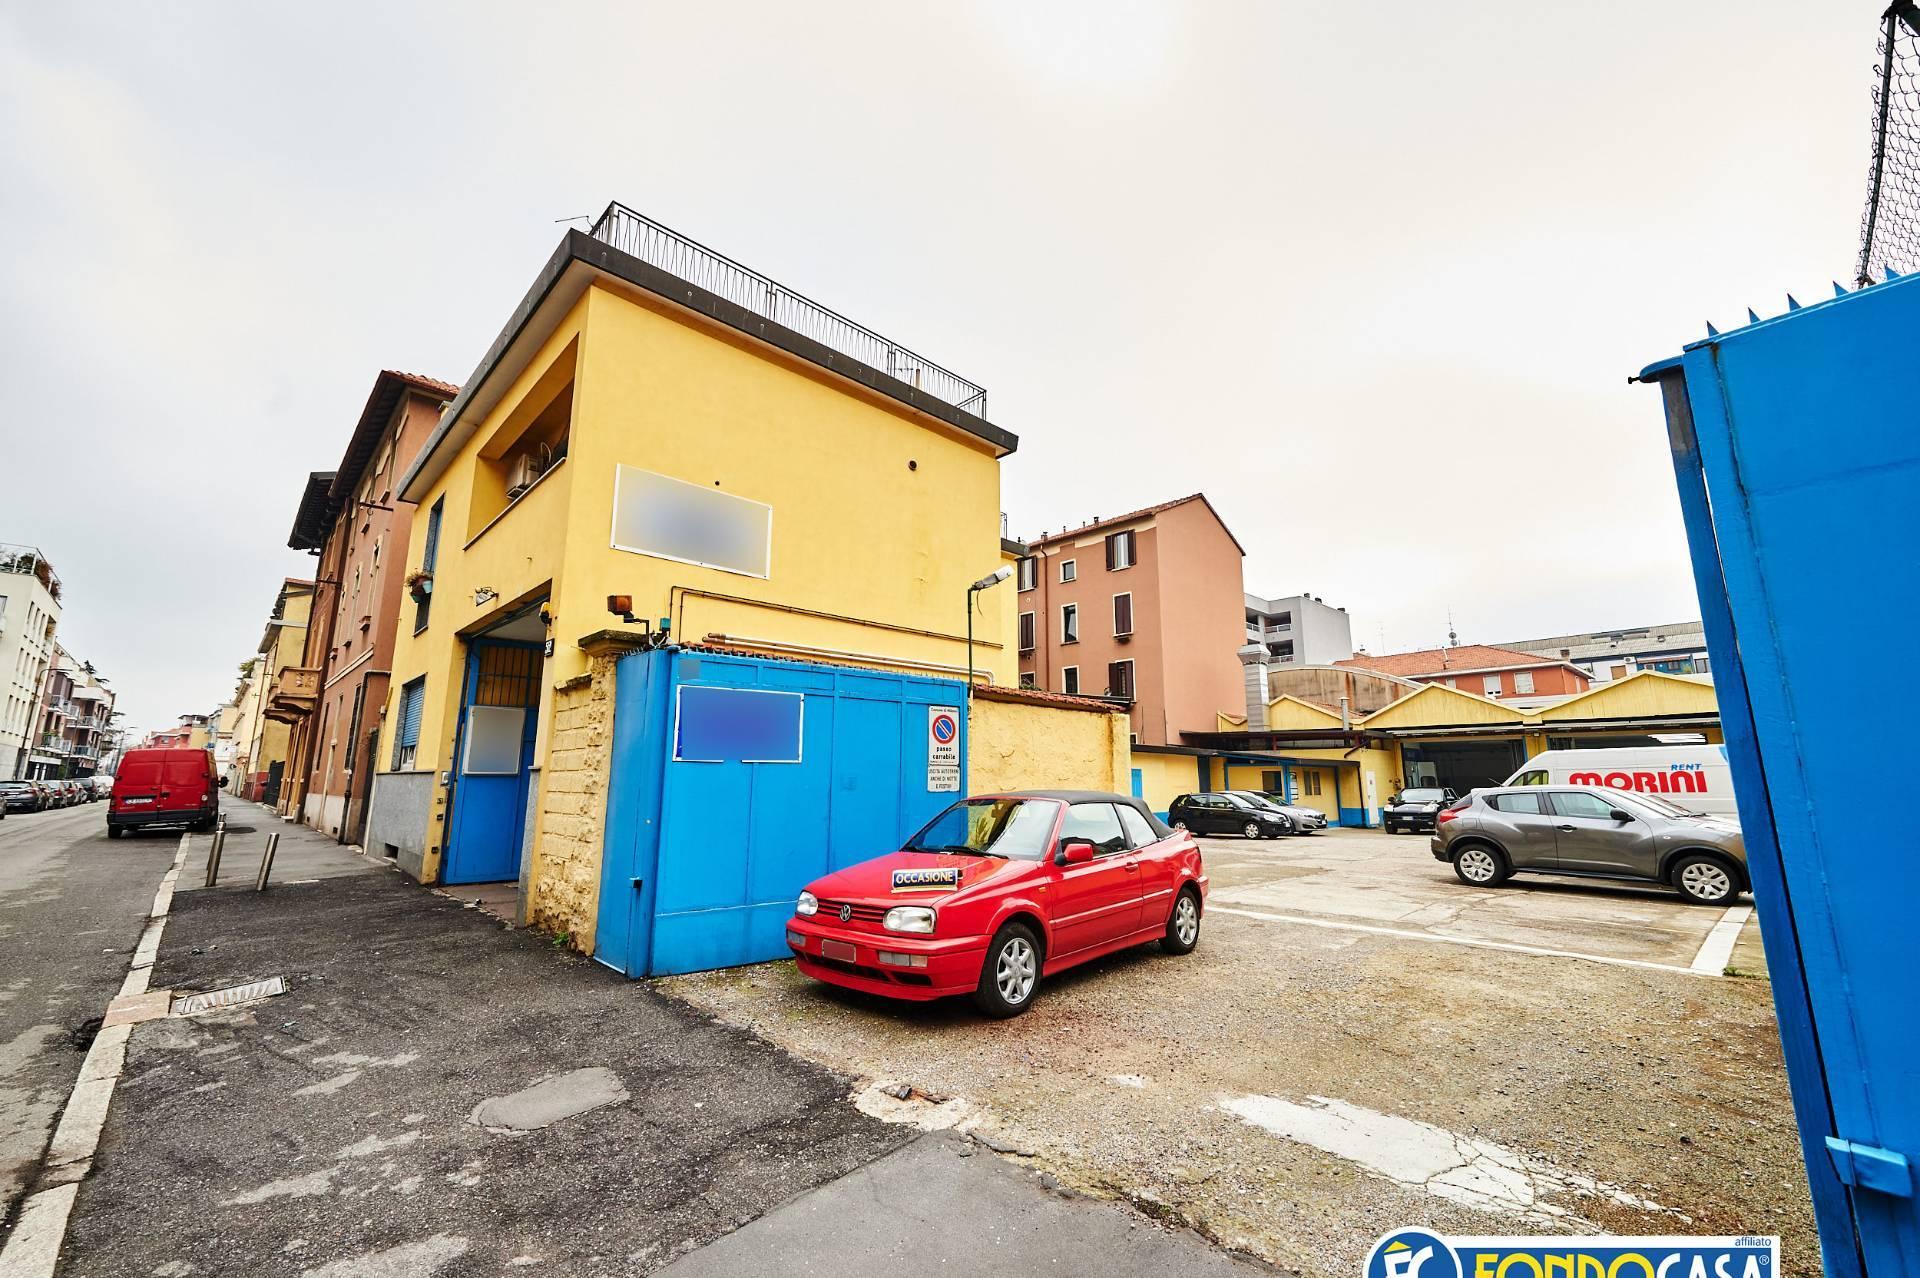 Terreno Edificabile Residenziale in vendita a Milano, 9999 locali, zona Località: Gorla, prezzo € 1.200.000 | CambioCasa.it